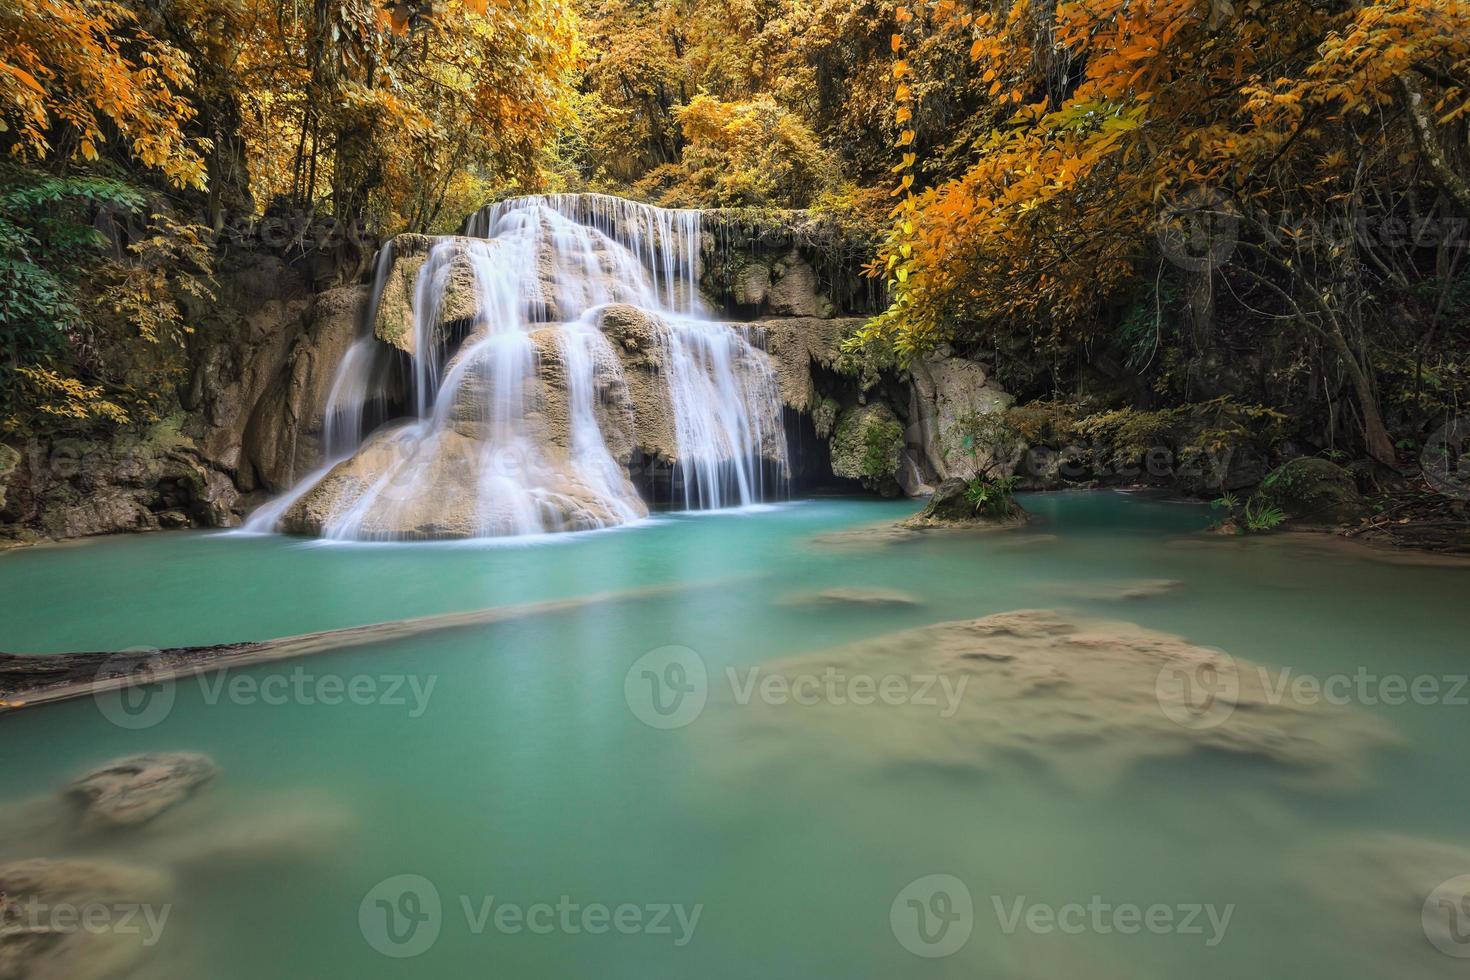 Waterfall in Autumn season photo